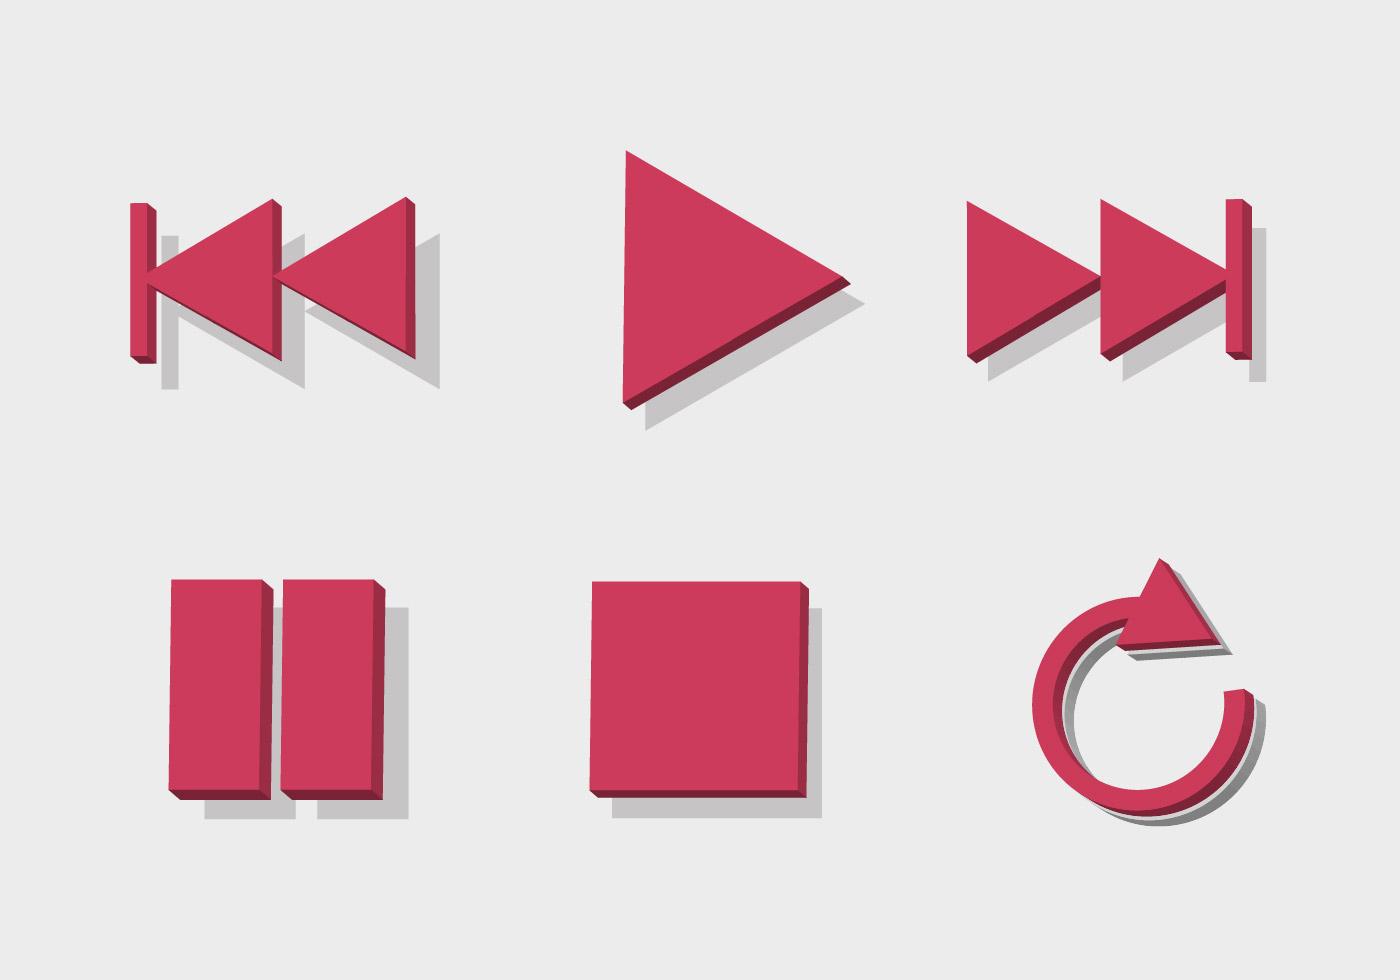 Replay Vector - Download Free Vector Art, Stock Graphics ...